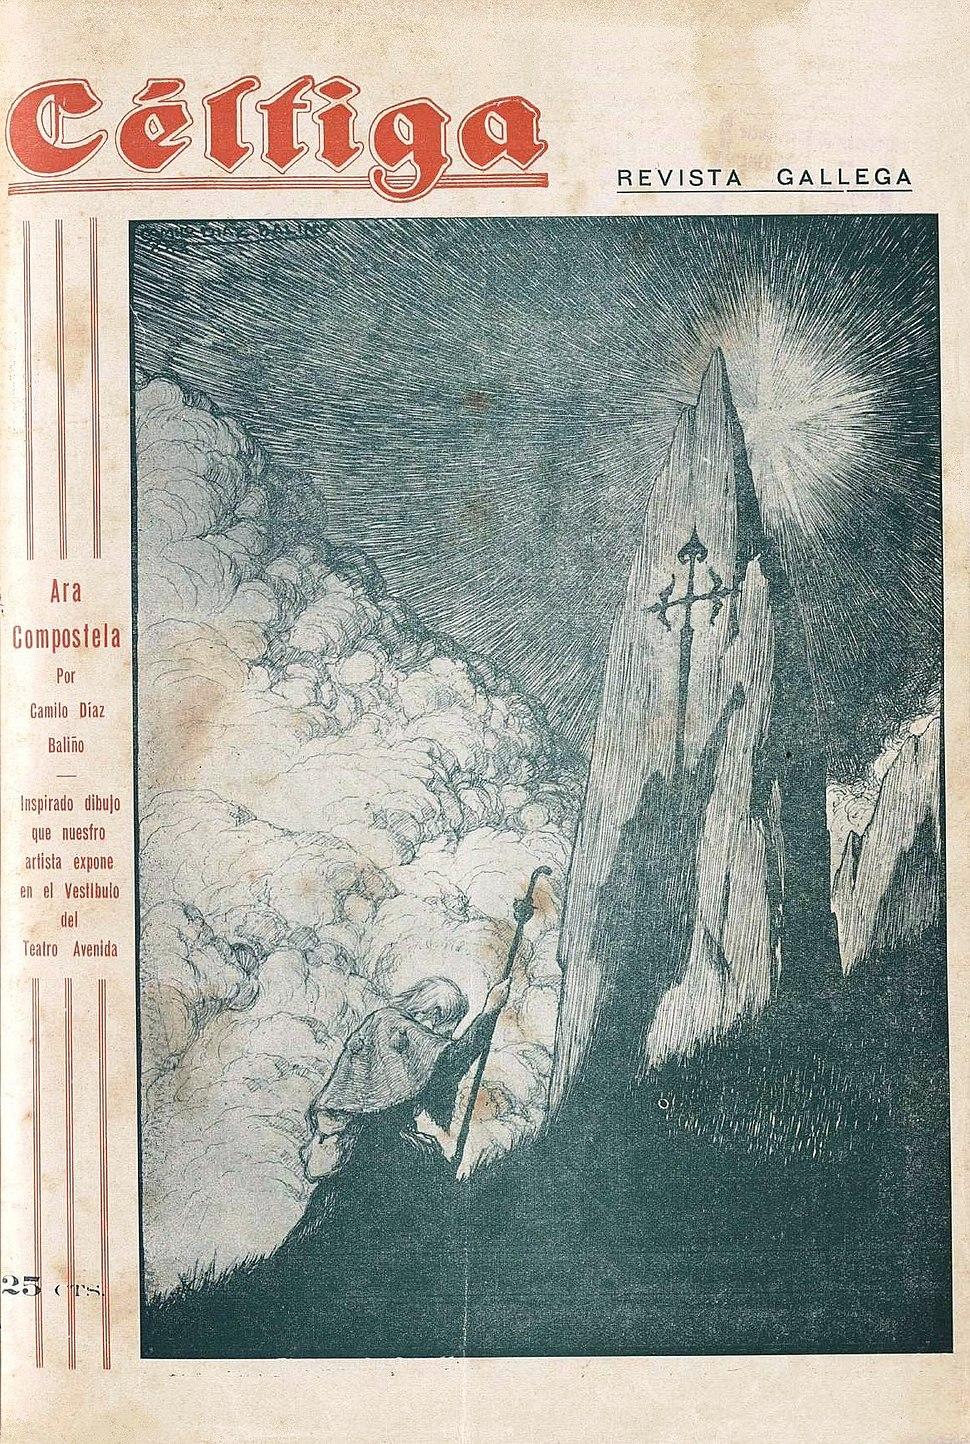 Céltiga n 151, Buenos Aires, 10 de abril de 1931, portada